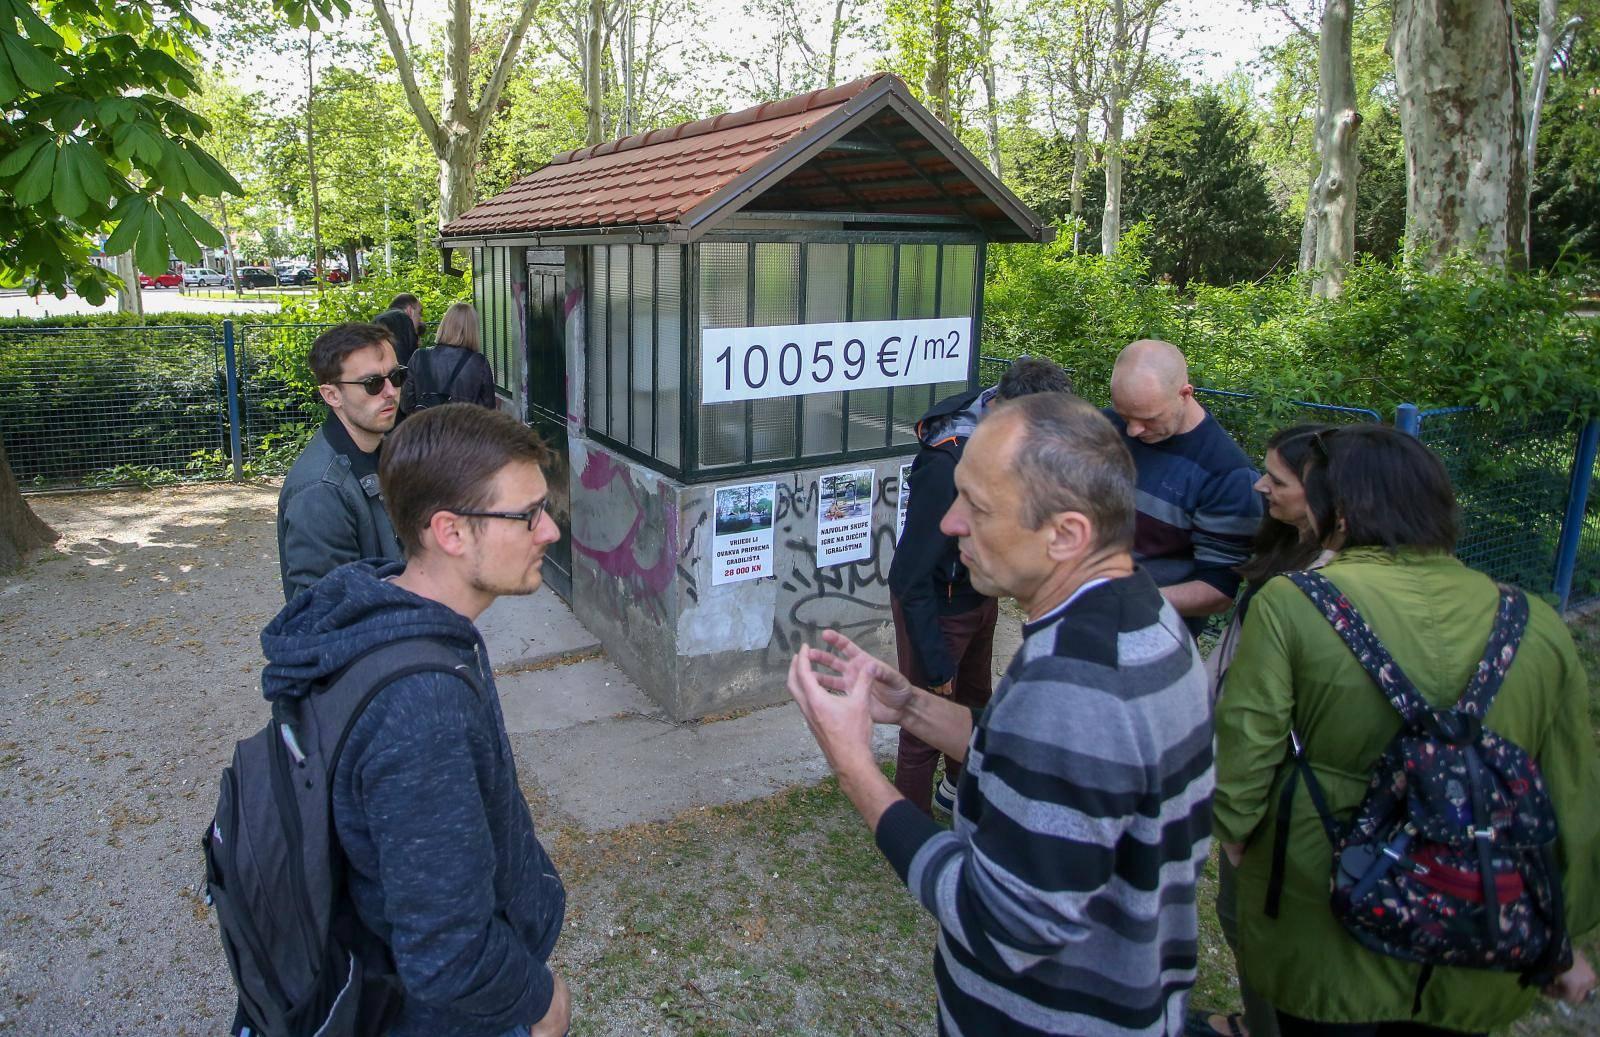 'Napisi oko preskupe obnove javnih WC-a nisu vjerodostojni'